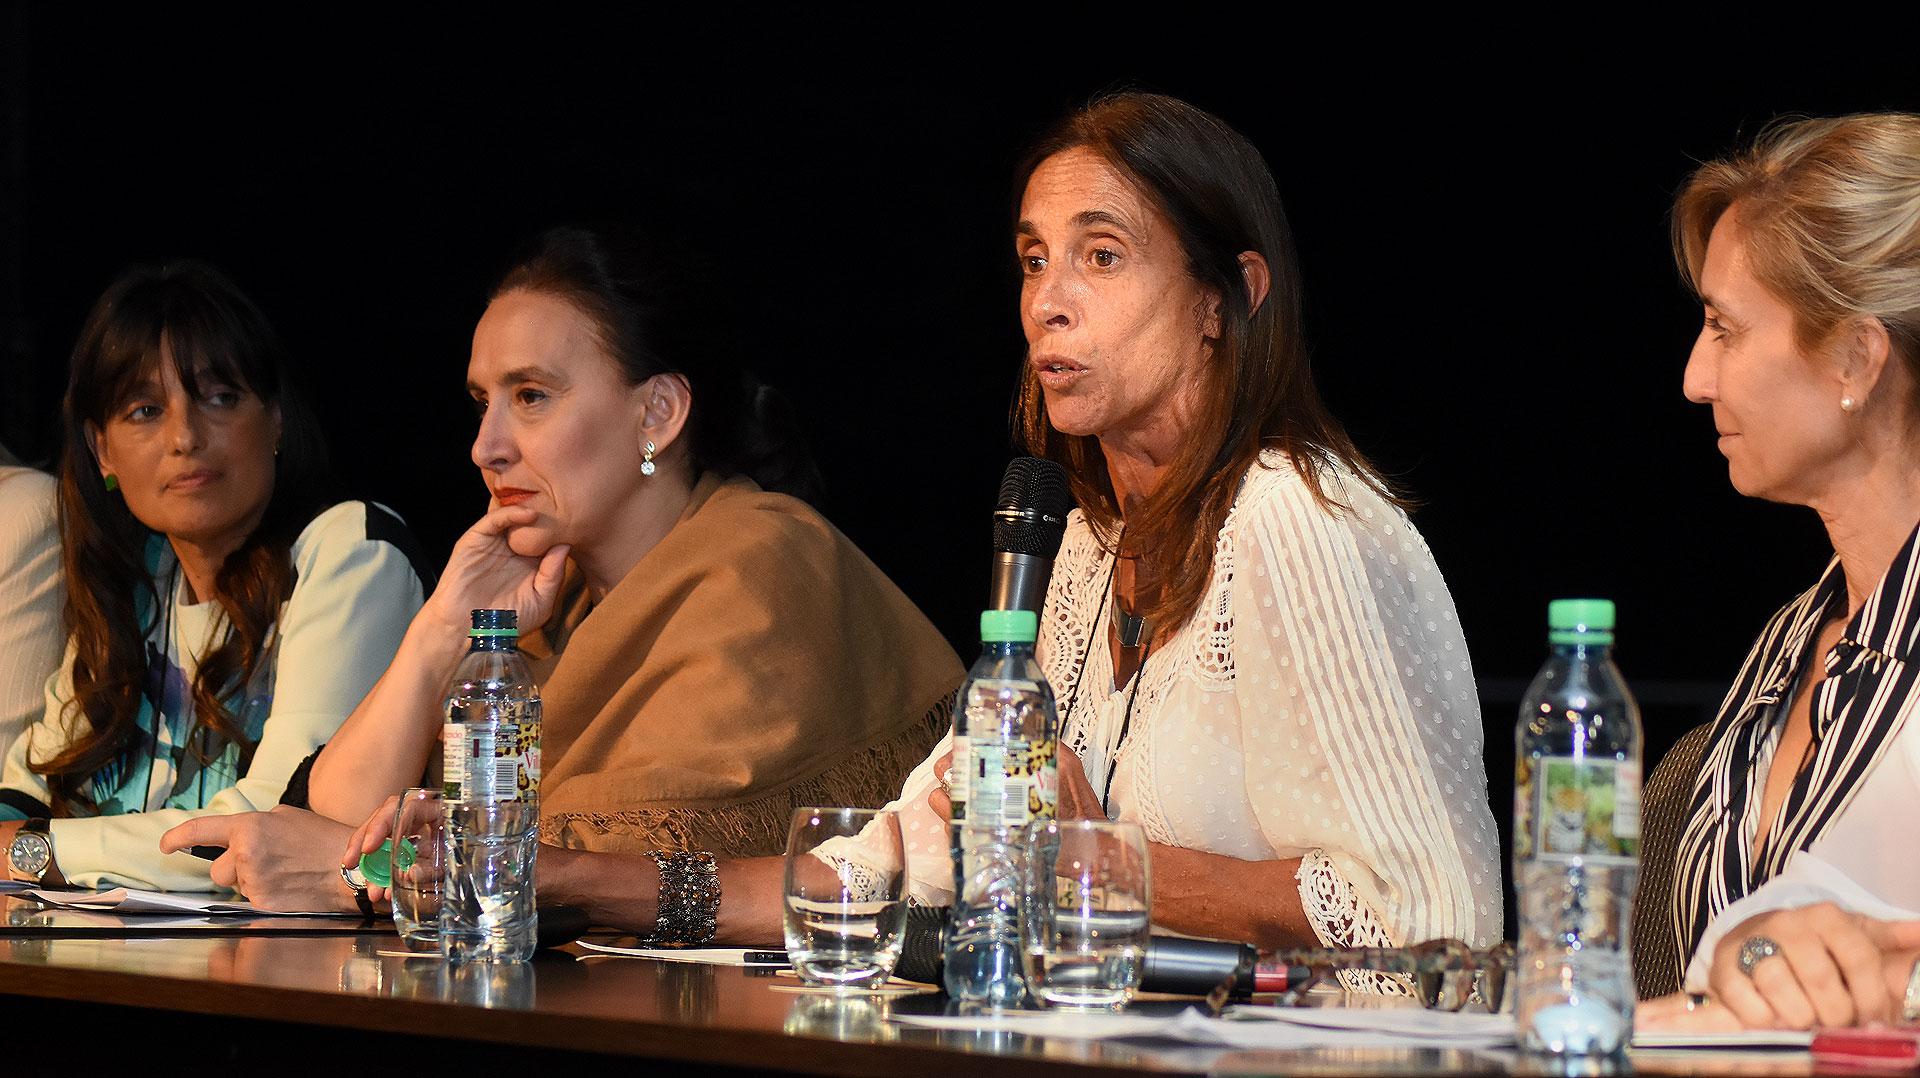 Mariana Feld, miembro del Consejo Asesor y directora regional de Young President Organization en la Región Latinoamericana